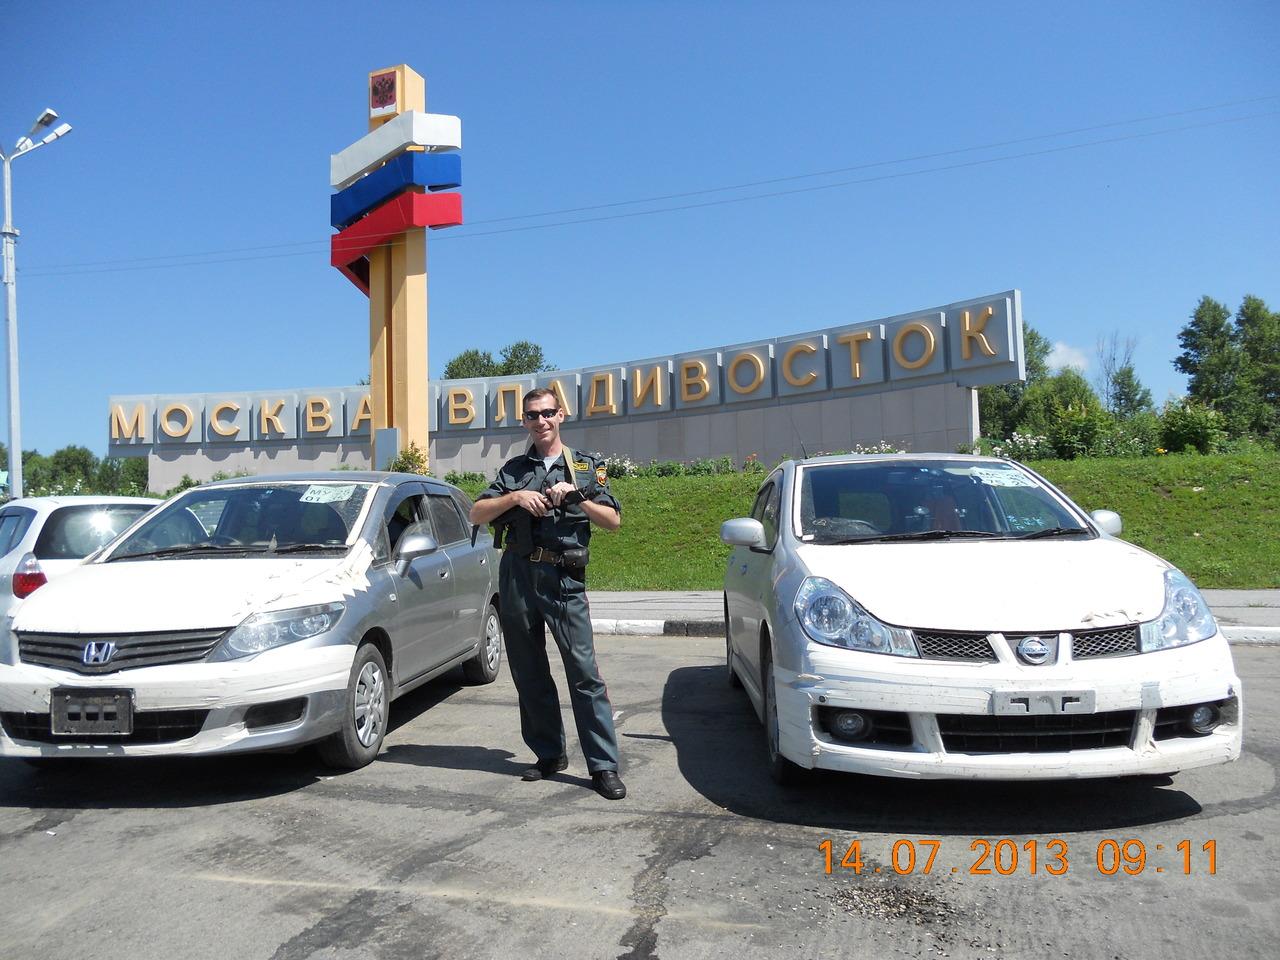 Продажа автомобилей в Кемерово, новые и подержанные авто б.